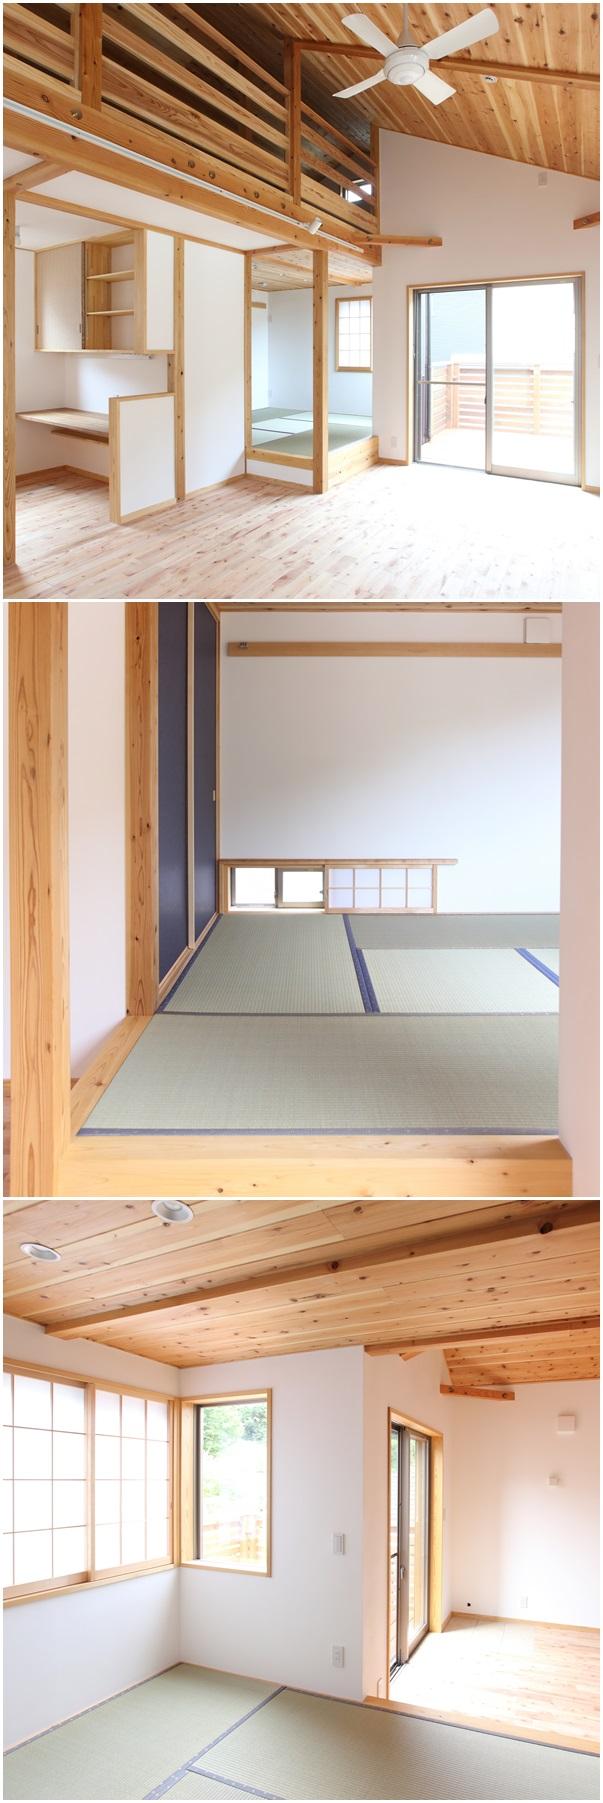 稲城市の家☆竣工写真が届きました_c0152341_0114815.jpg